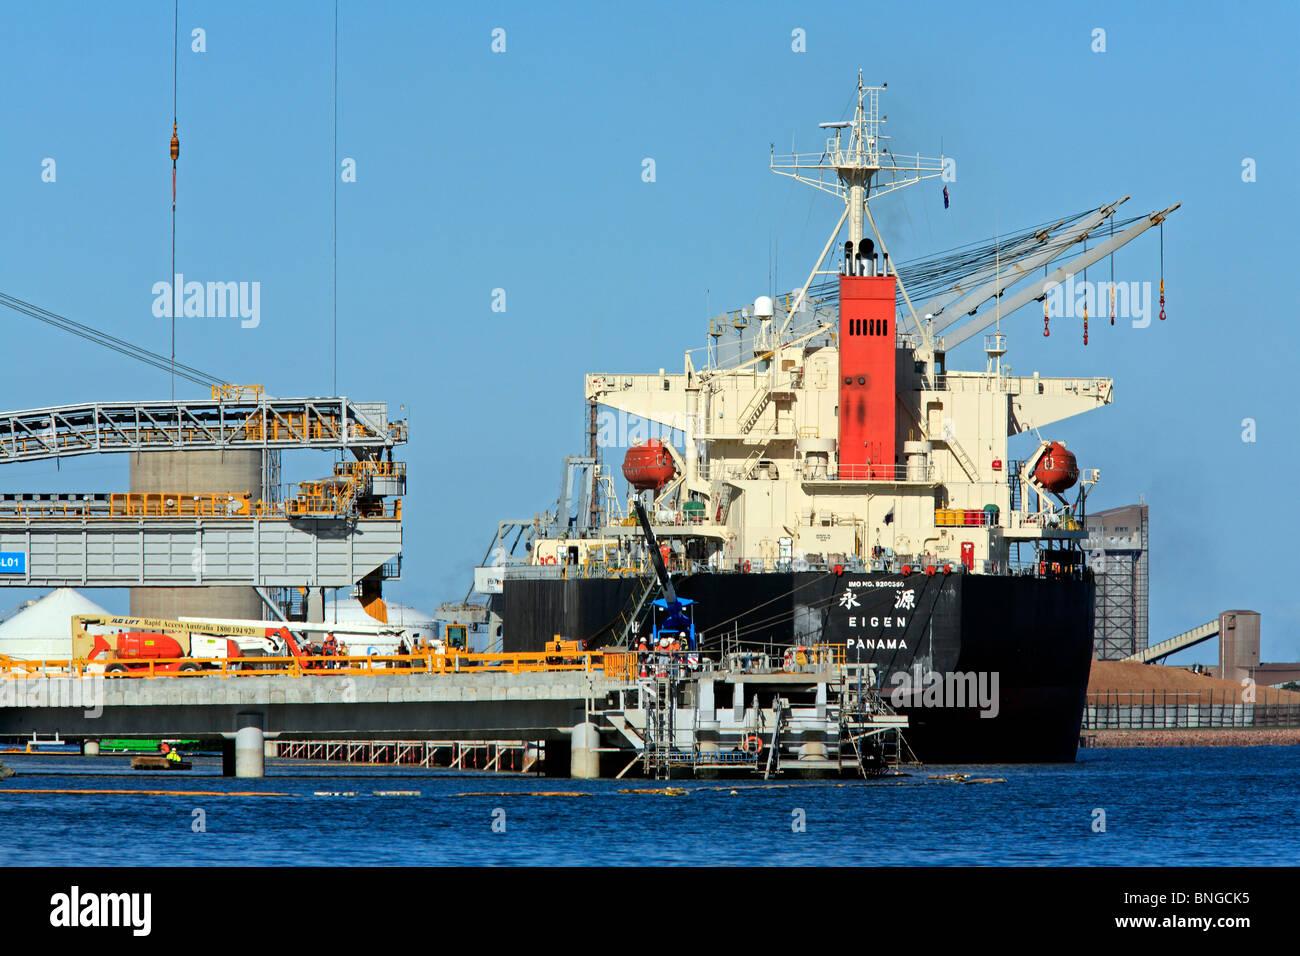 bulk-carrier-loading-cargo-at-the-port-of-newcastle-nsw-australia-BNGCK5.jpg